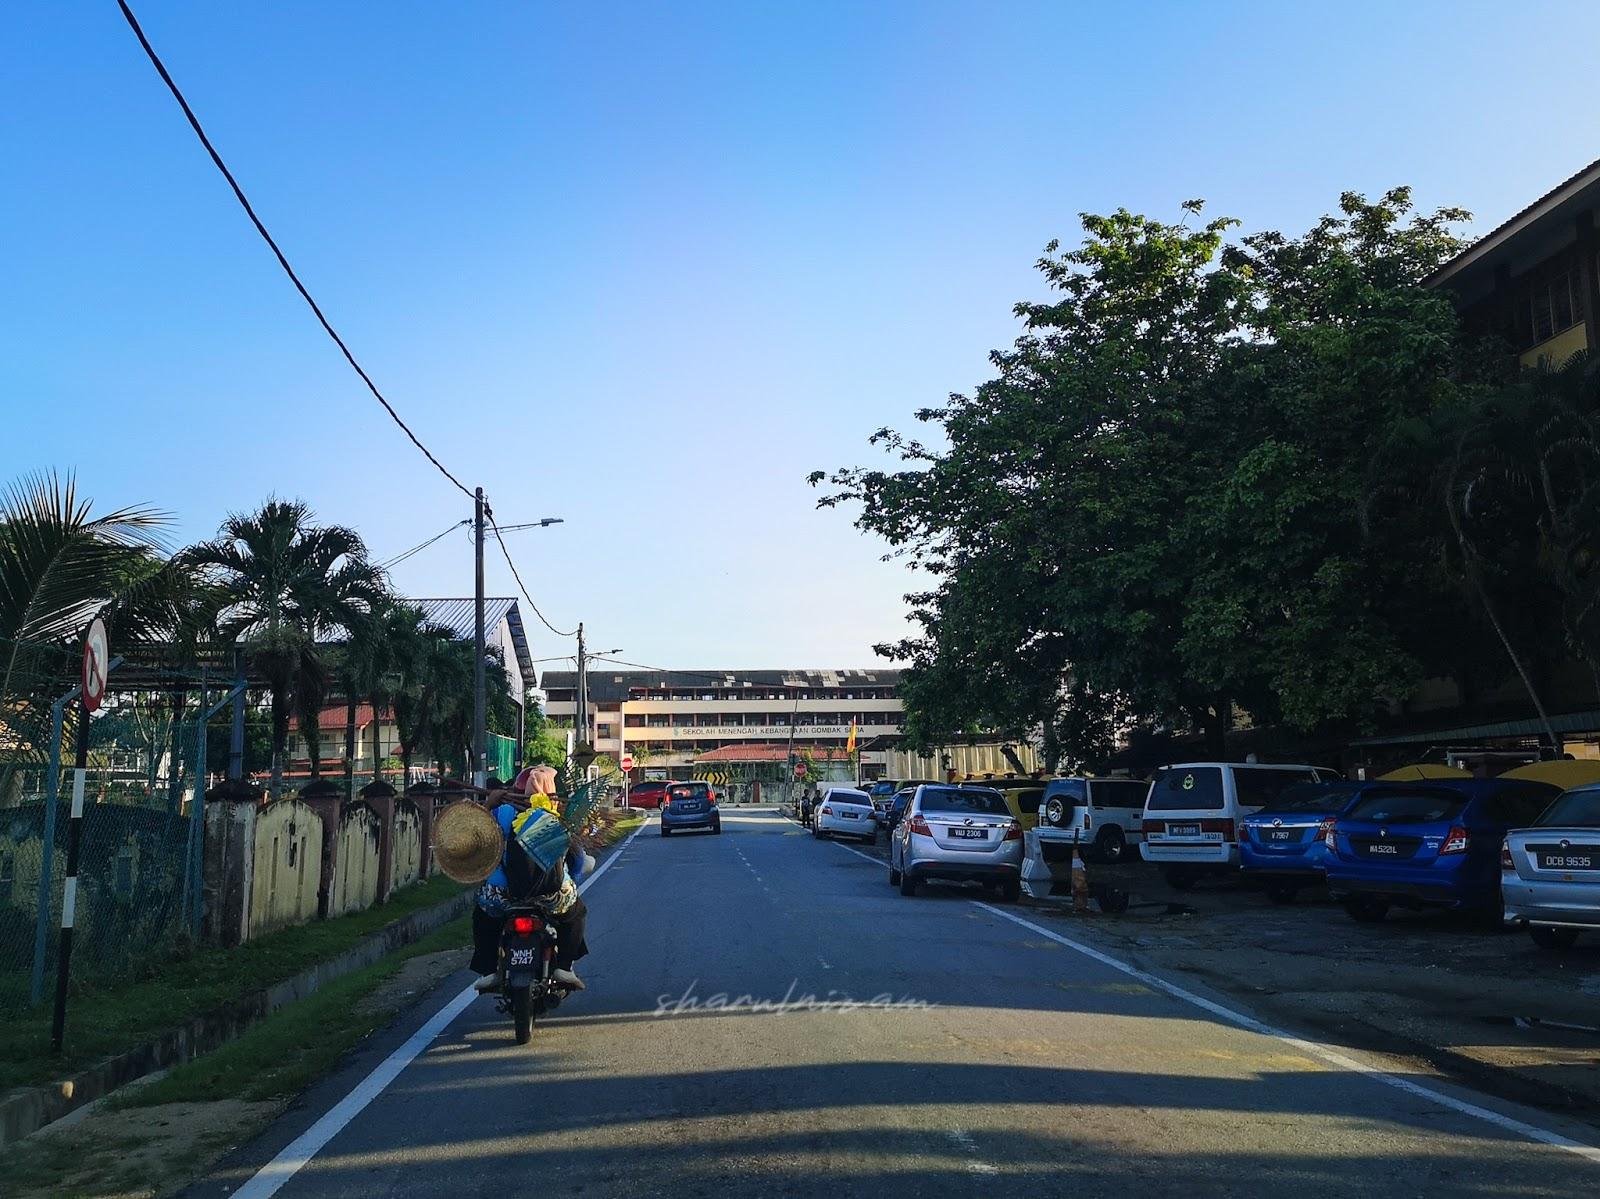 Pagi Sabtu di Pasar Tani Gombak Setia - lorong